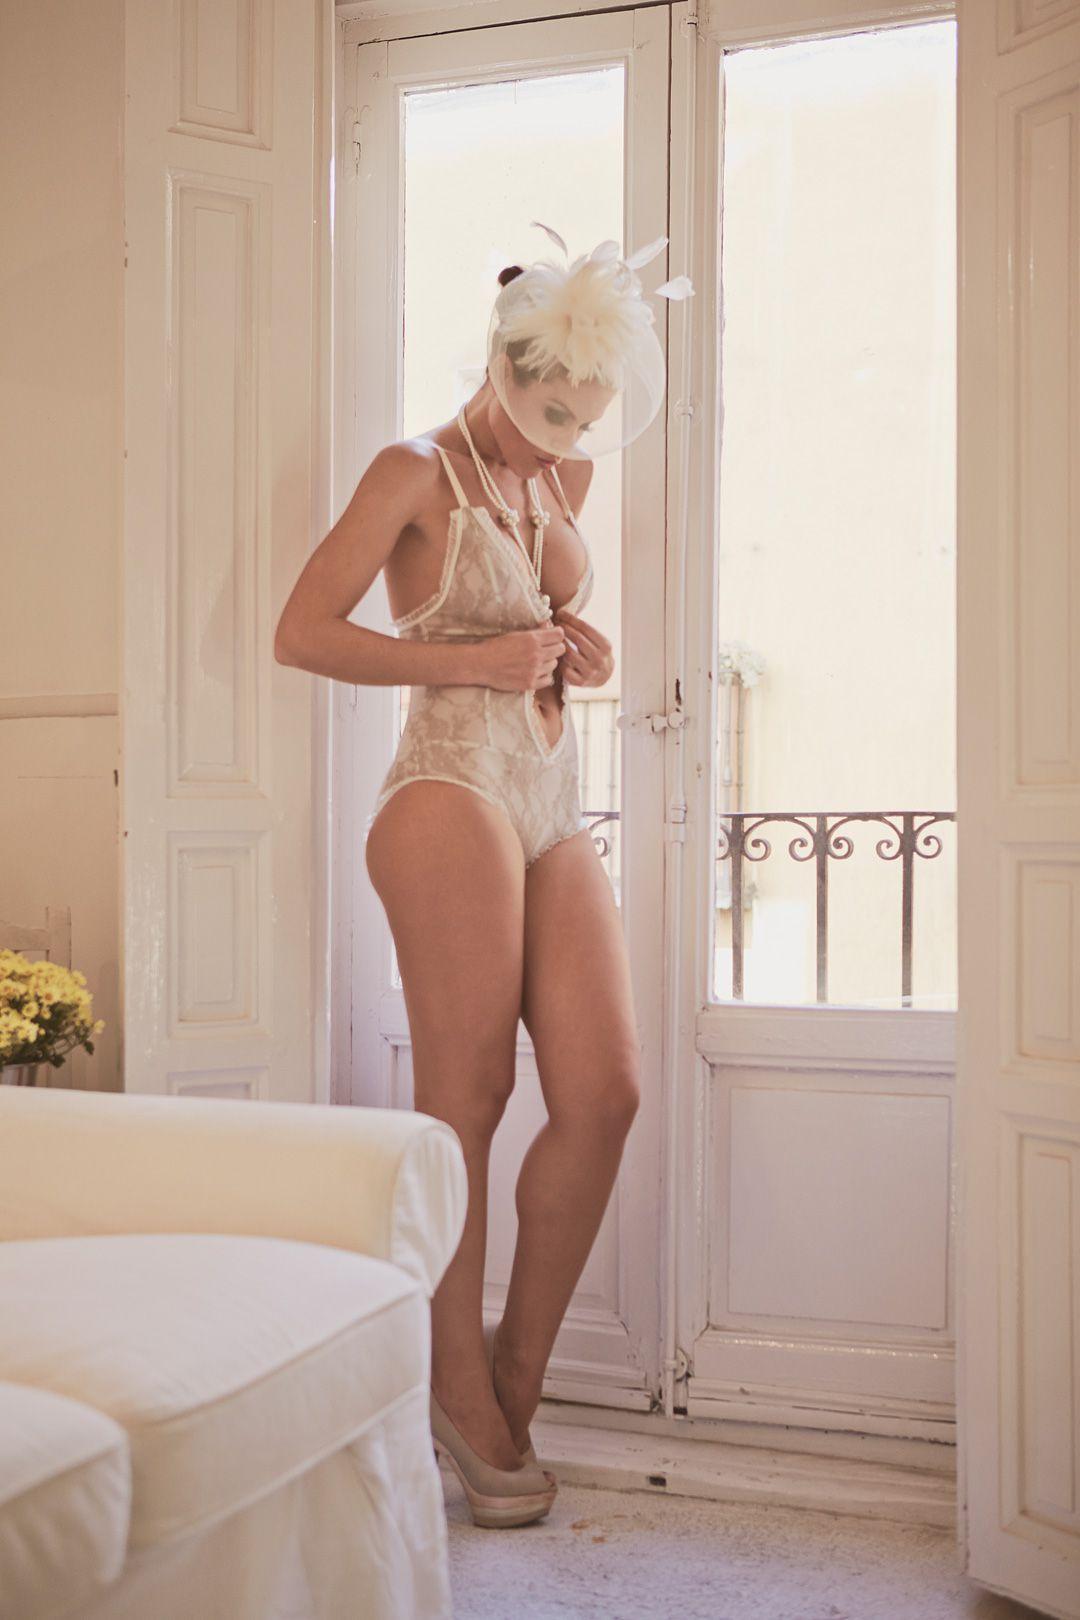 fotos boudoir en domicilio y apartamento de modelo profesional sensual madrid Rocío Z 56 jpg